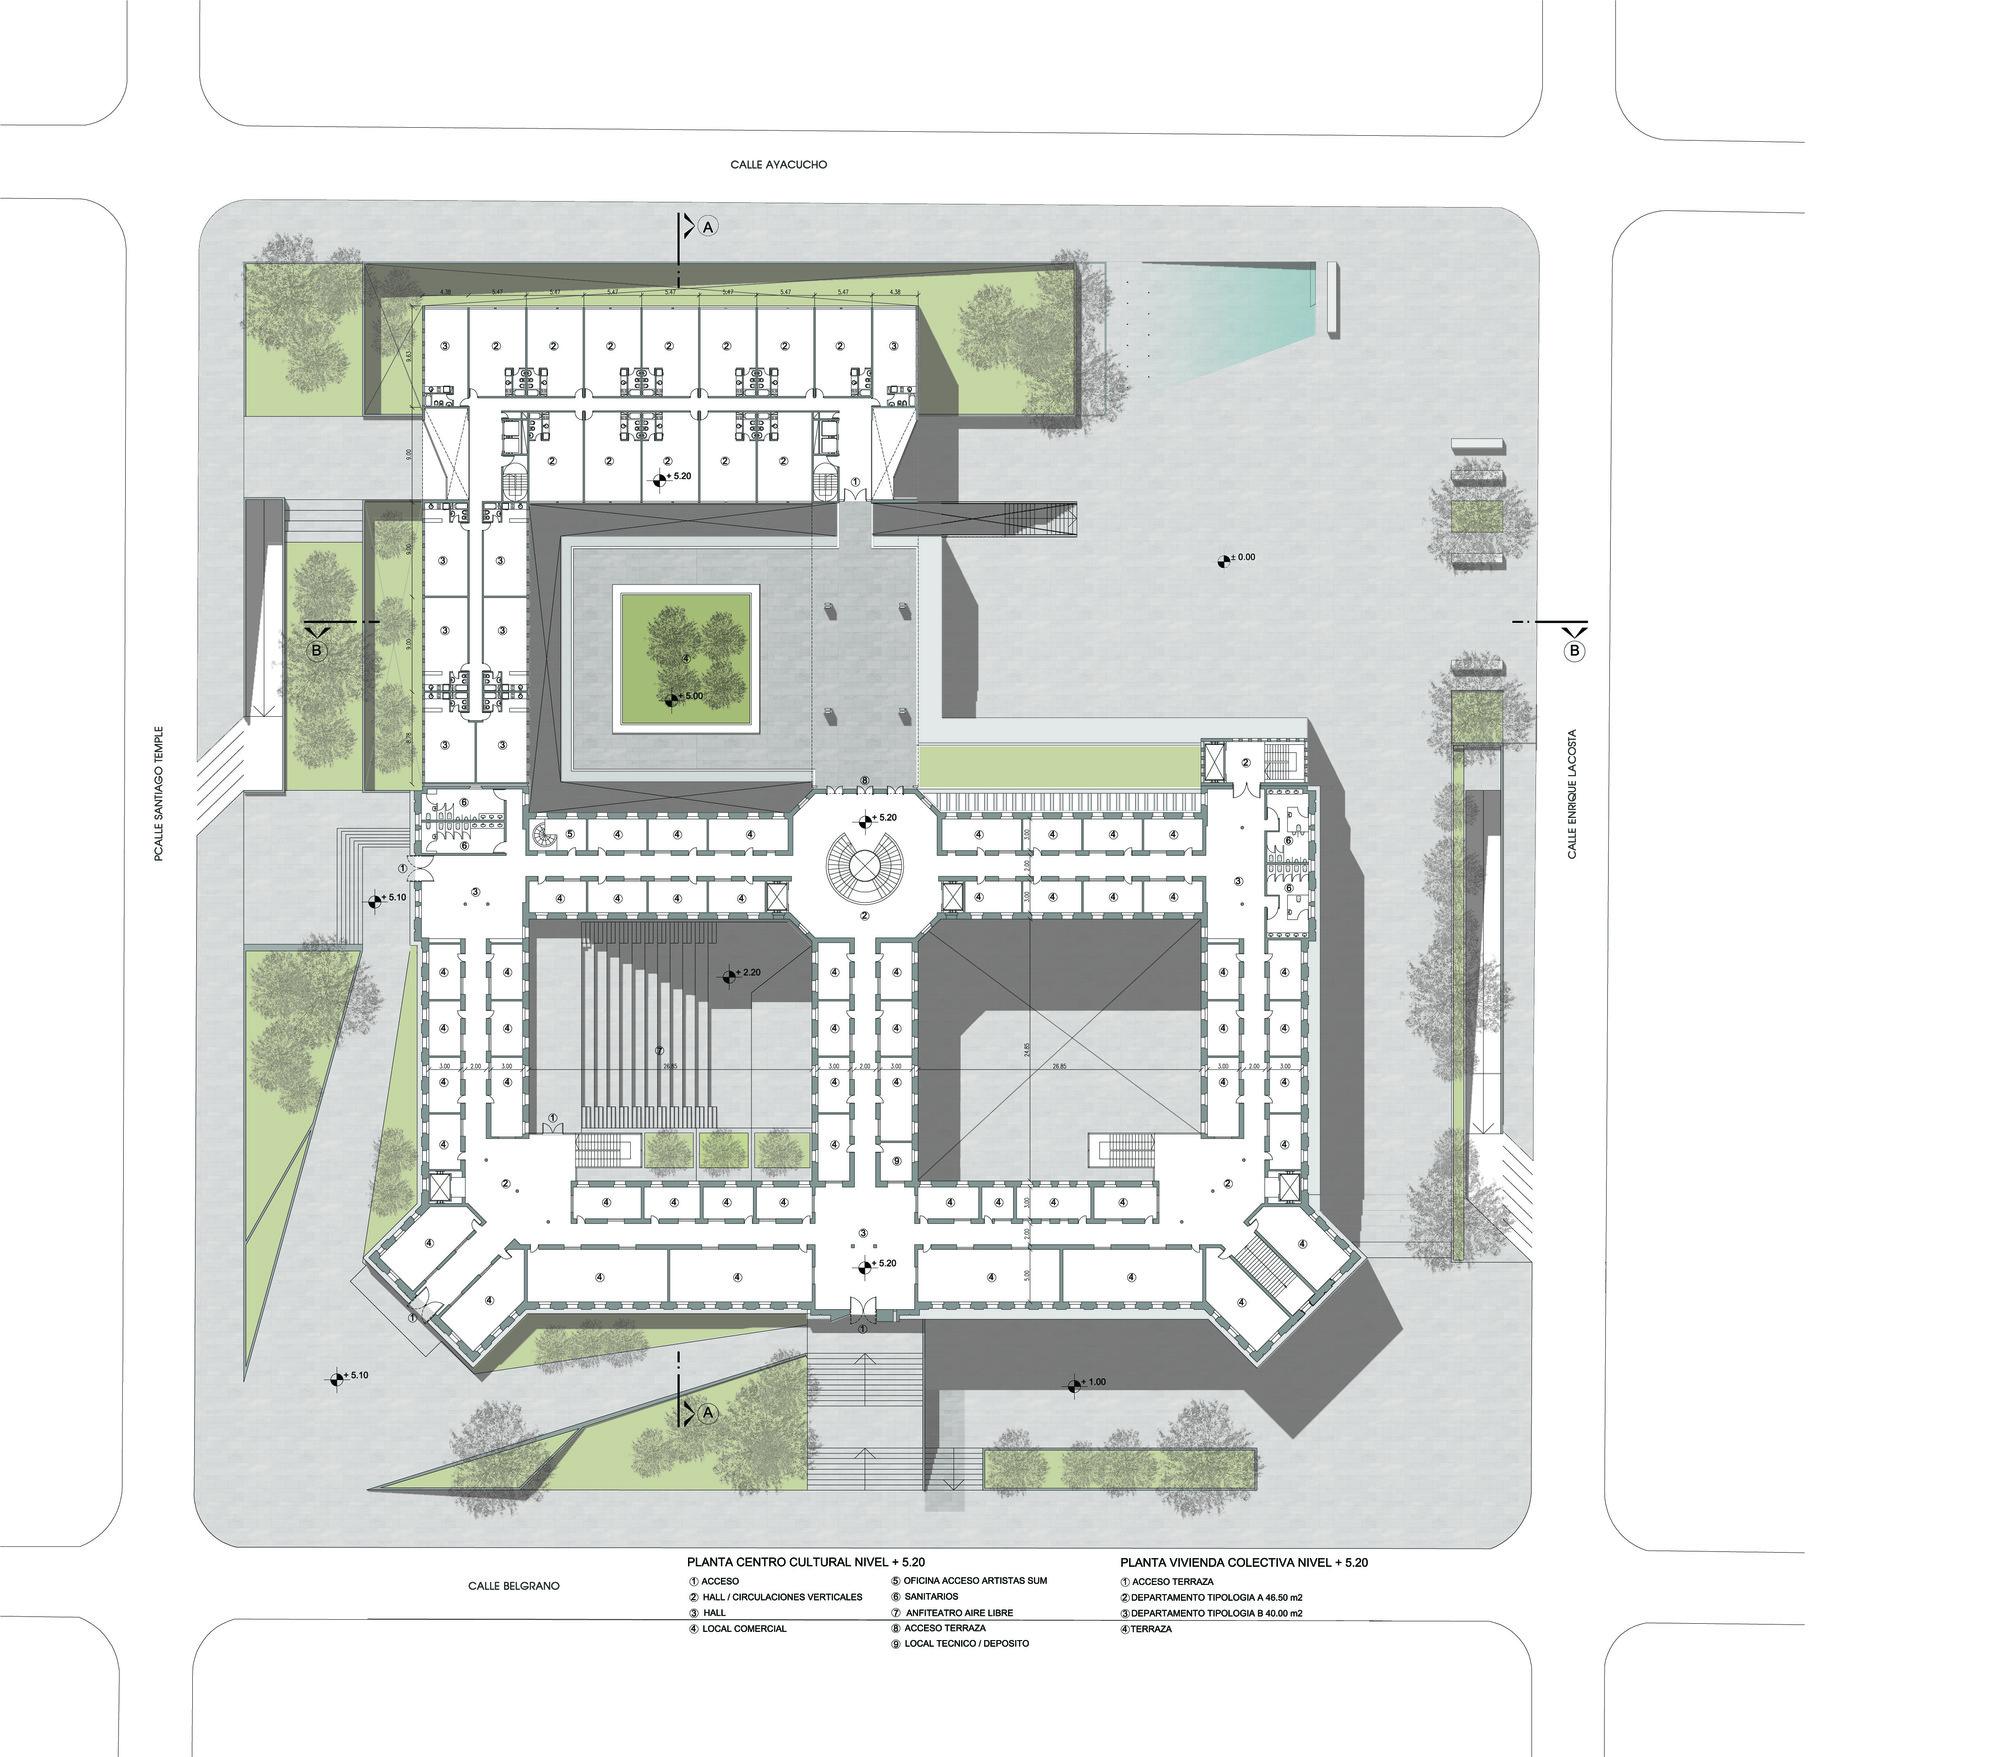 Galeria de primeiro lugar no concurso do centro cultural for Oficinas planta arquitectonica